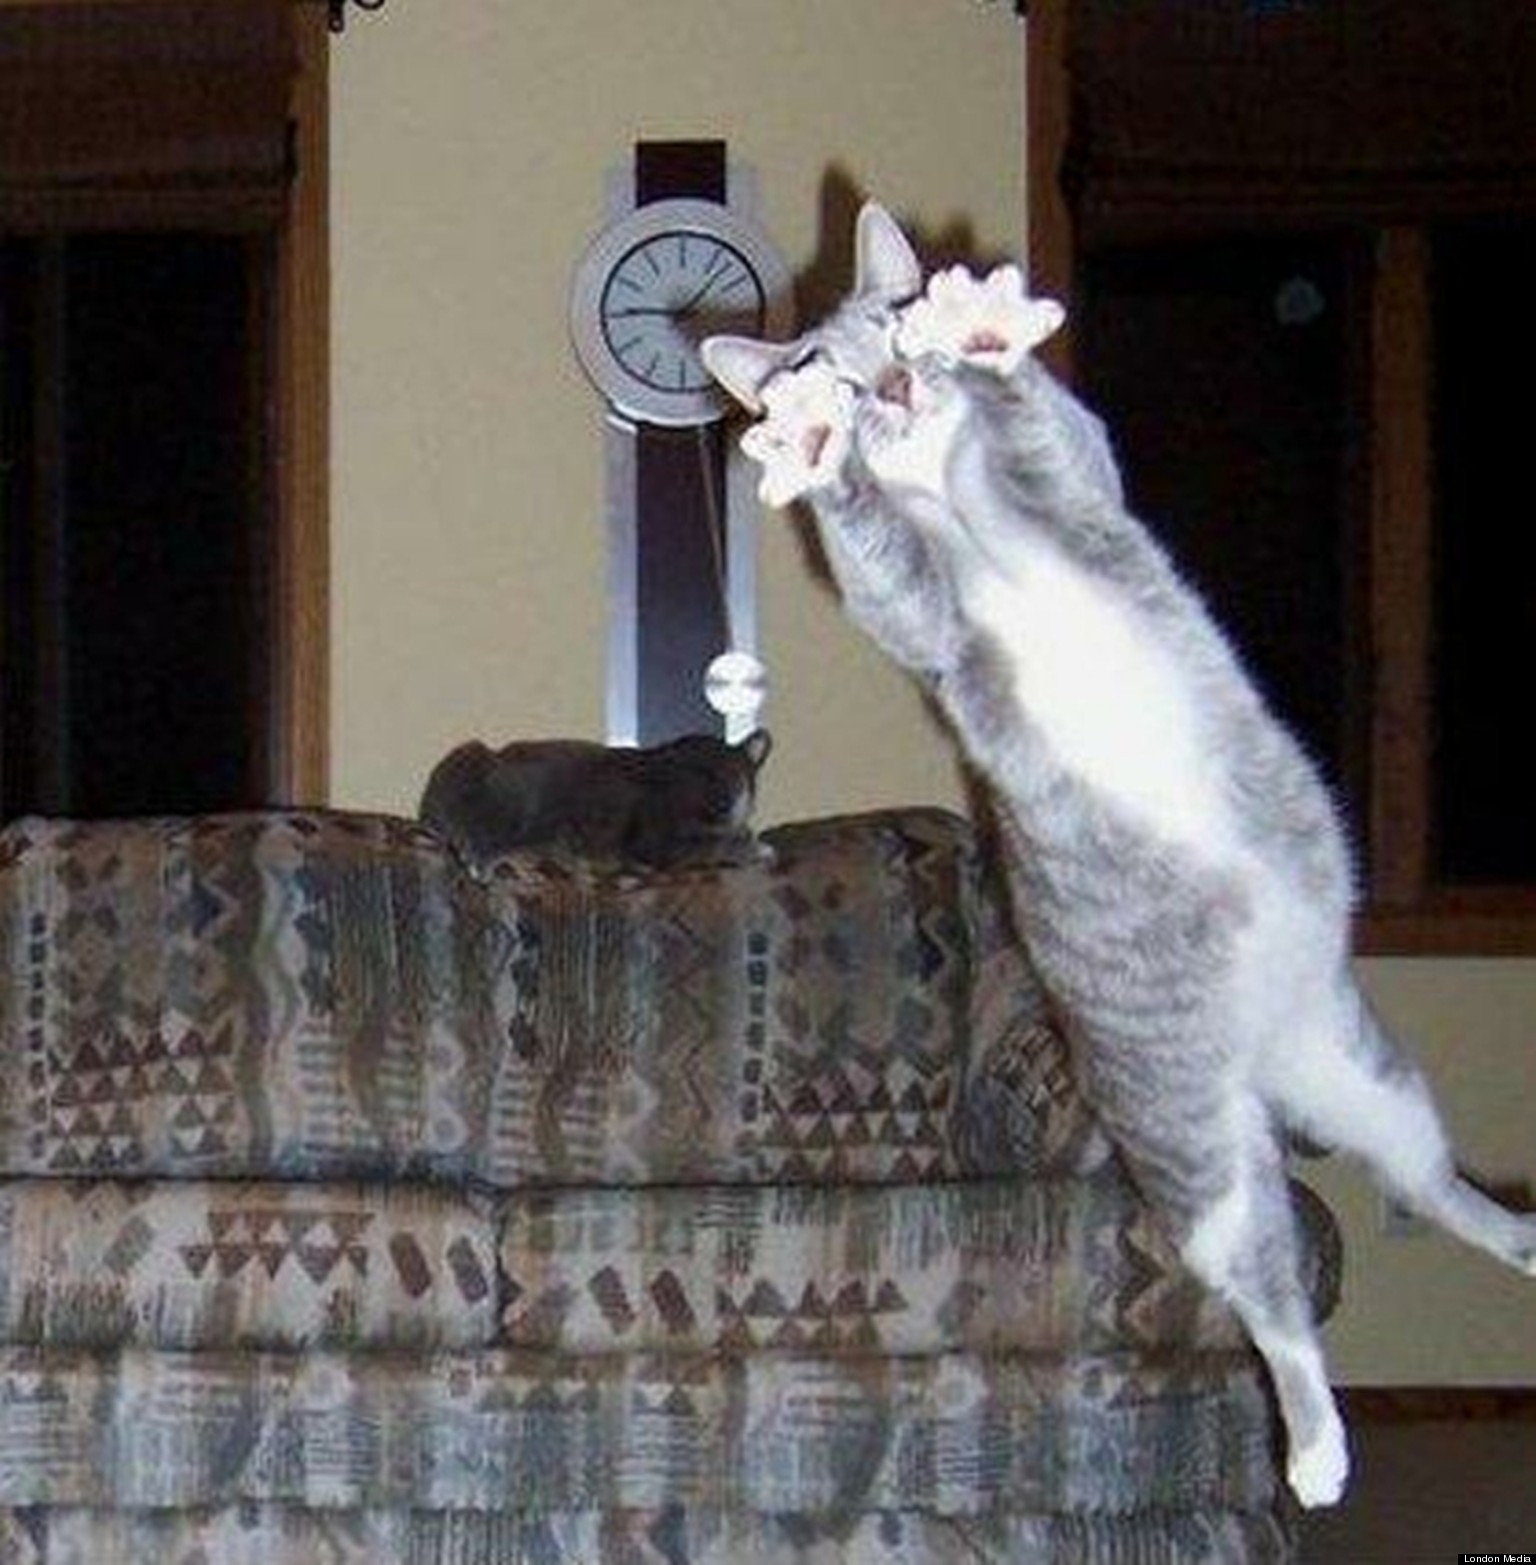 Photobomb Pictures Animals 10 Hilarious Animal Photobombs